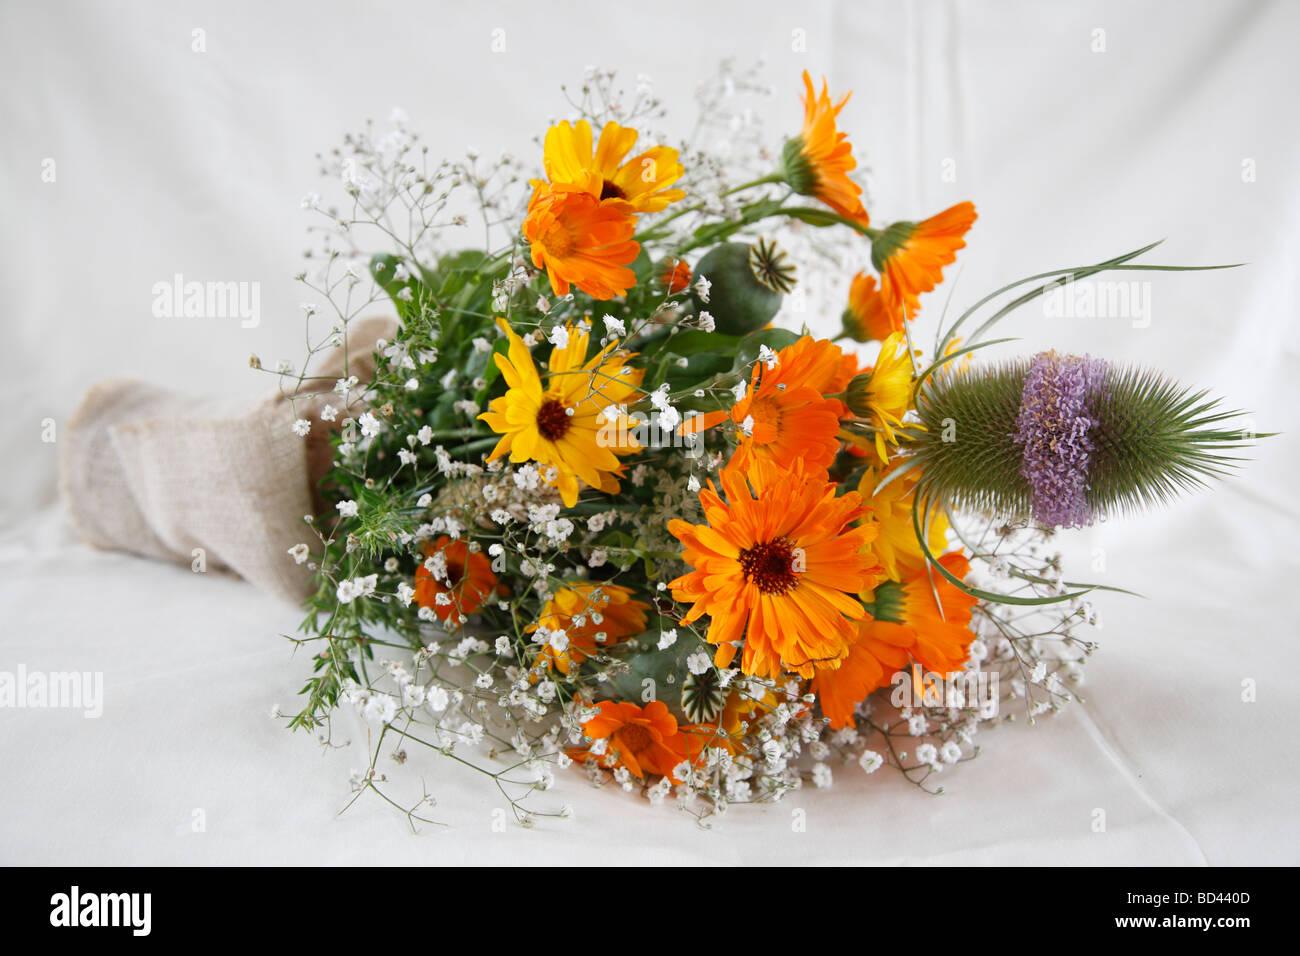 bridal bouquet; marigold (Calendula officinalis) and teasel (Dipsacus fullonum) - Stock Image